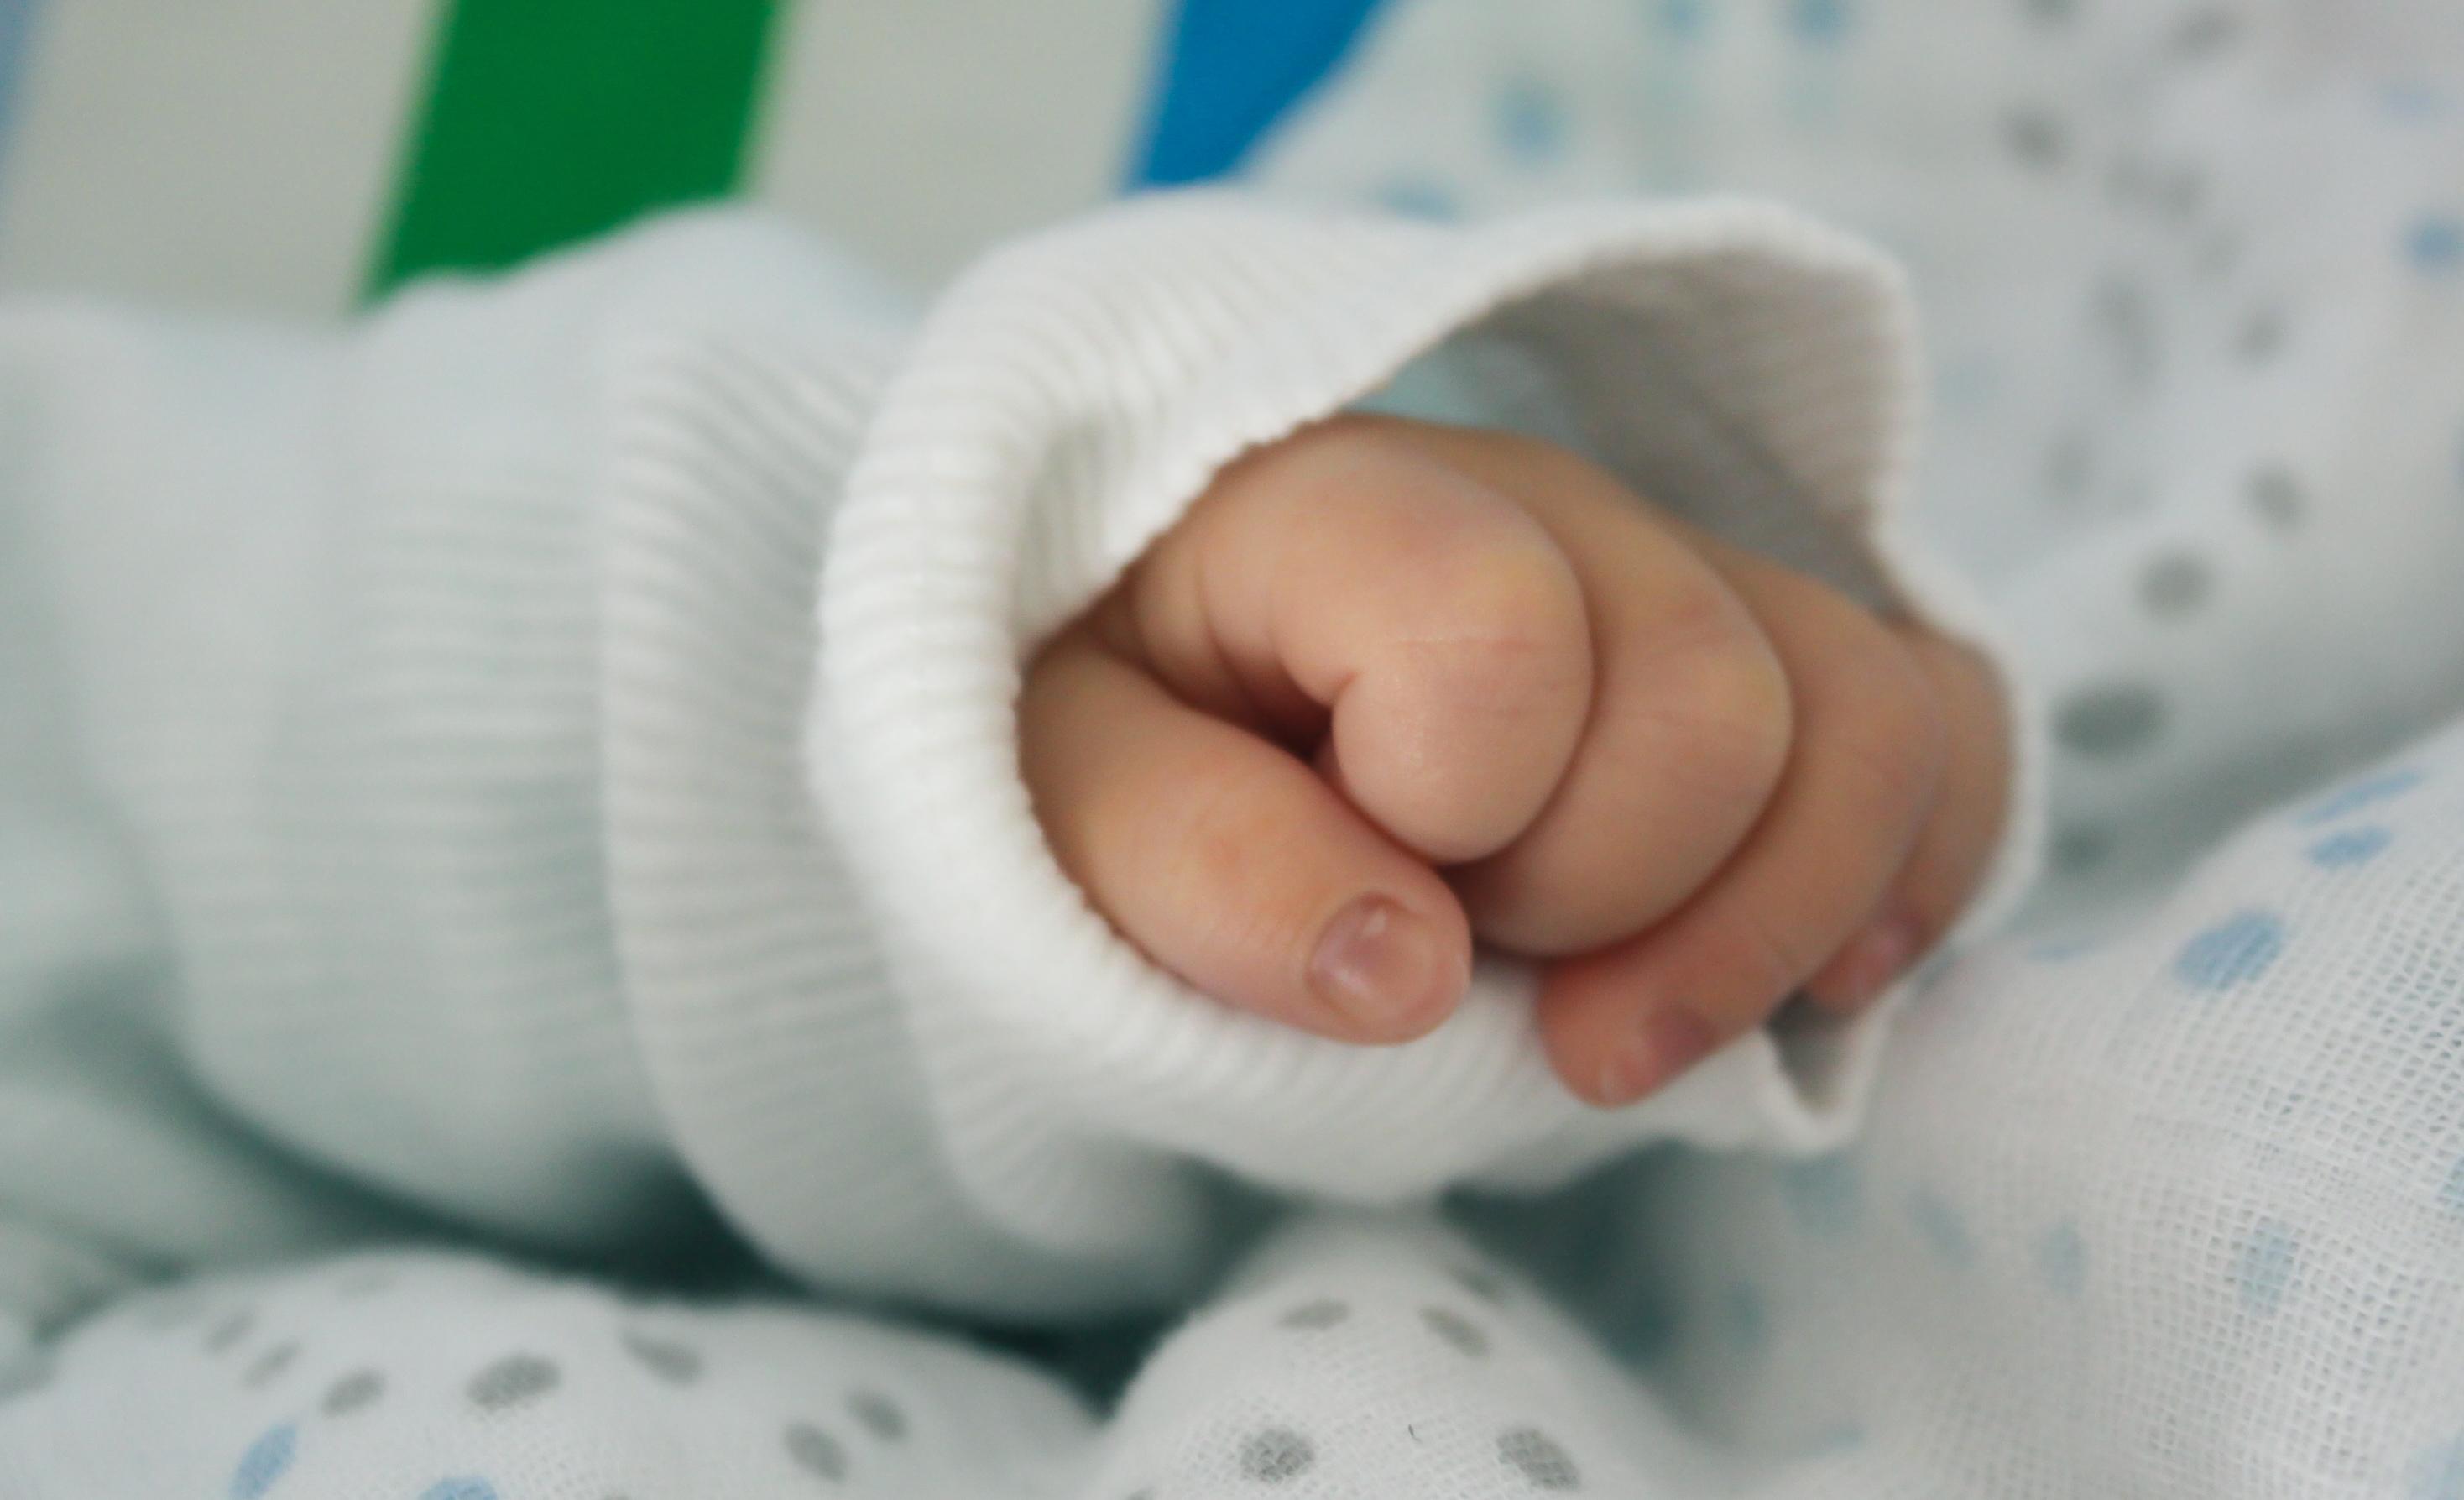 обычно изготавливается у меня умерла новорожденная дочь основных своих достоинств